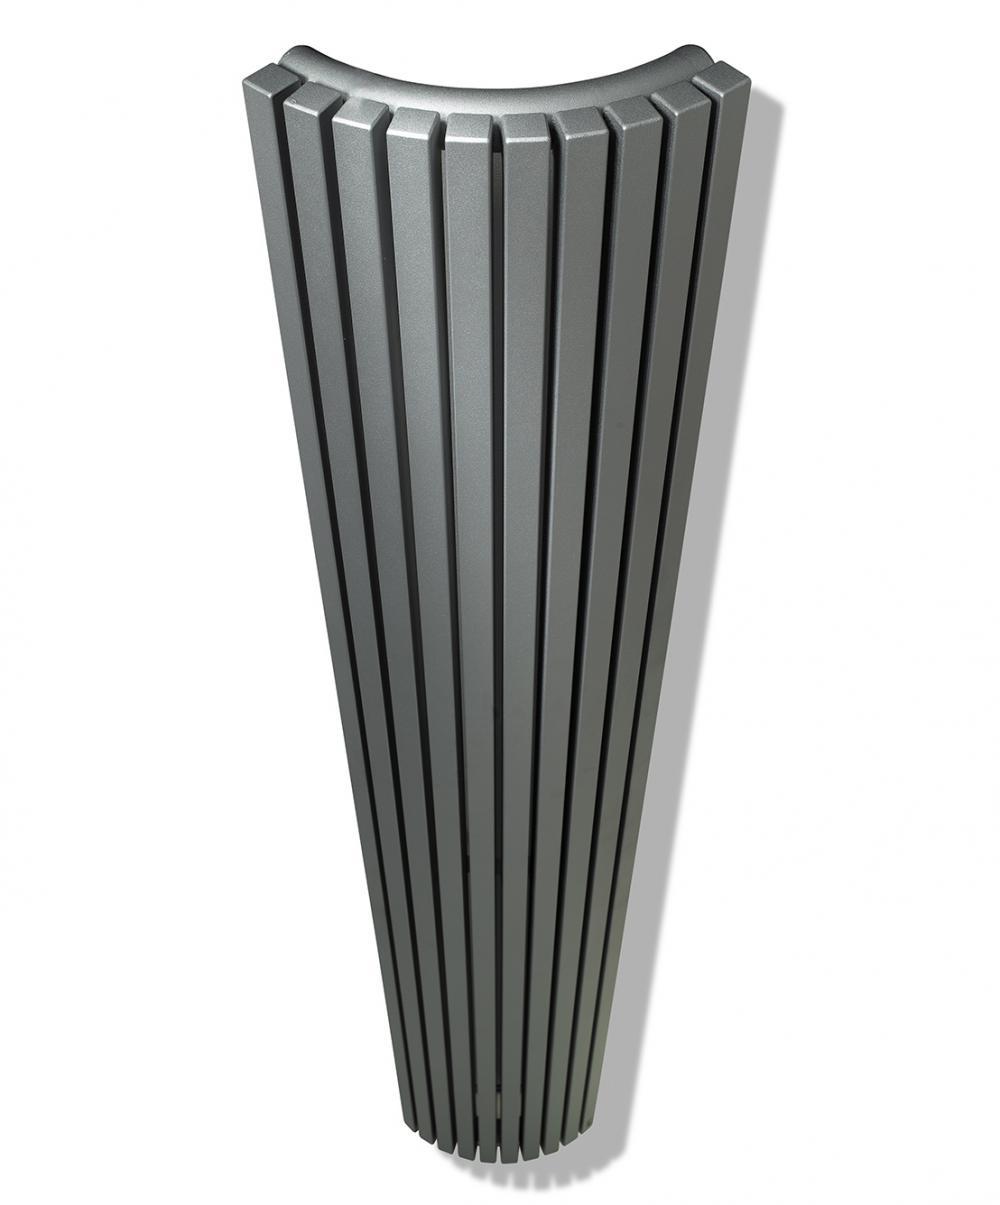 Calorifere decorative pentru colt Vasco Carre CR-A 2000x298 mm, 1095 W